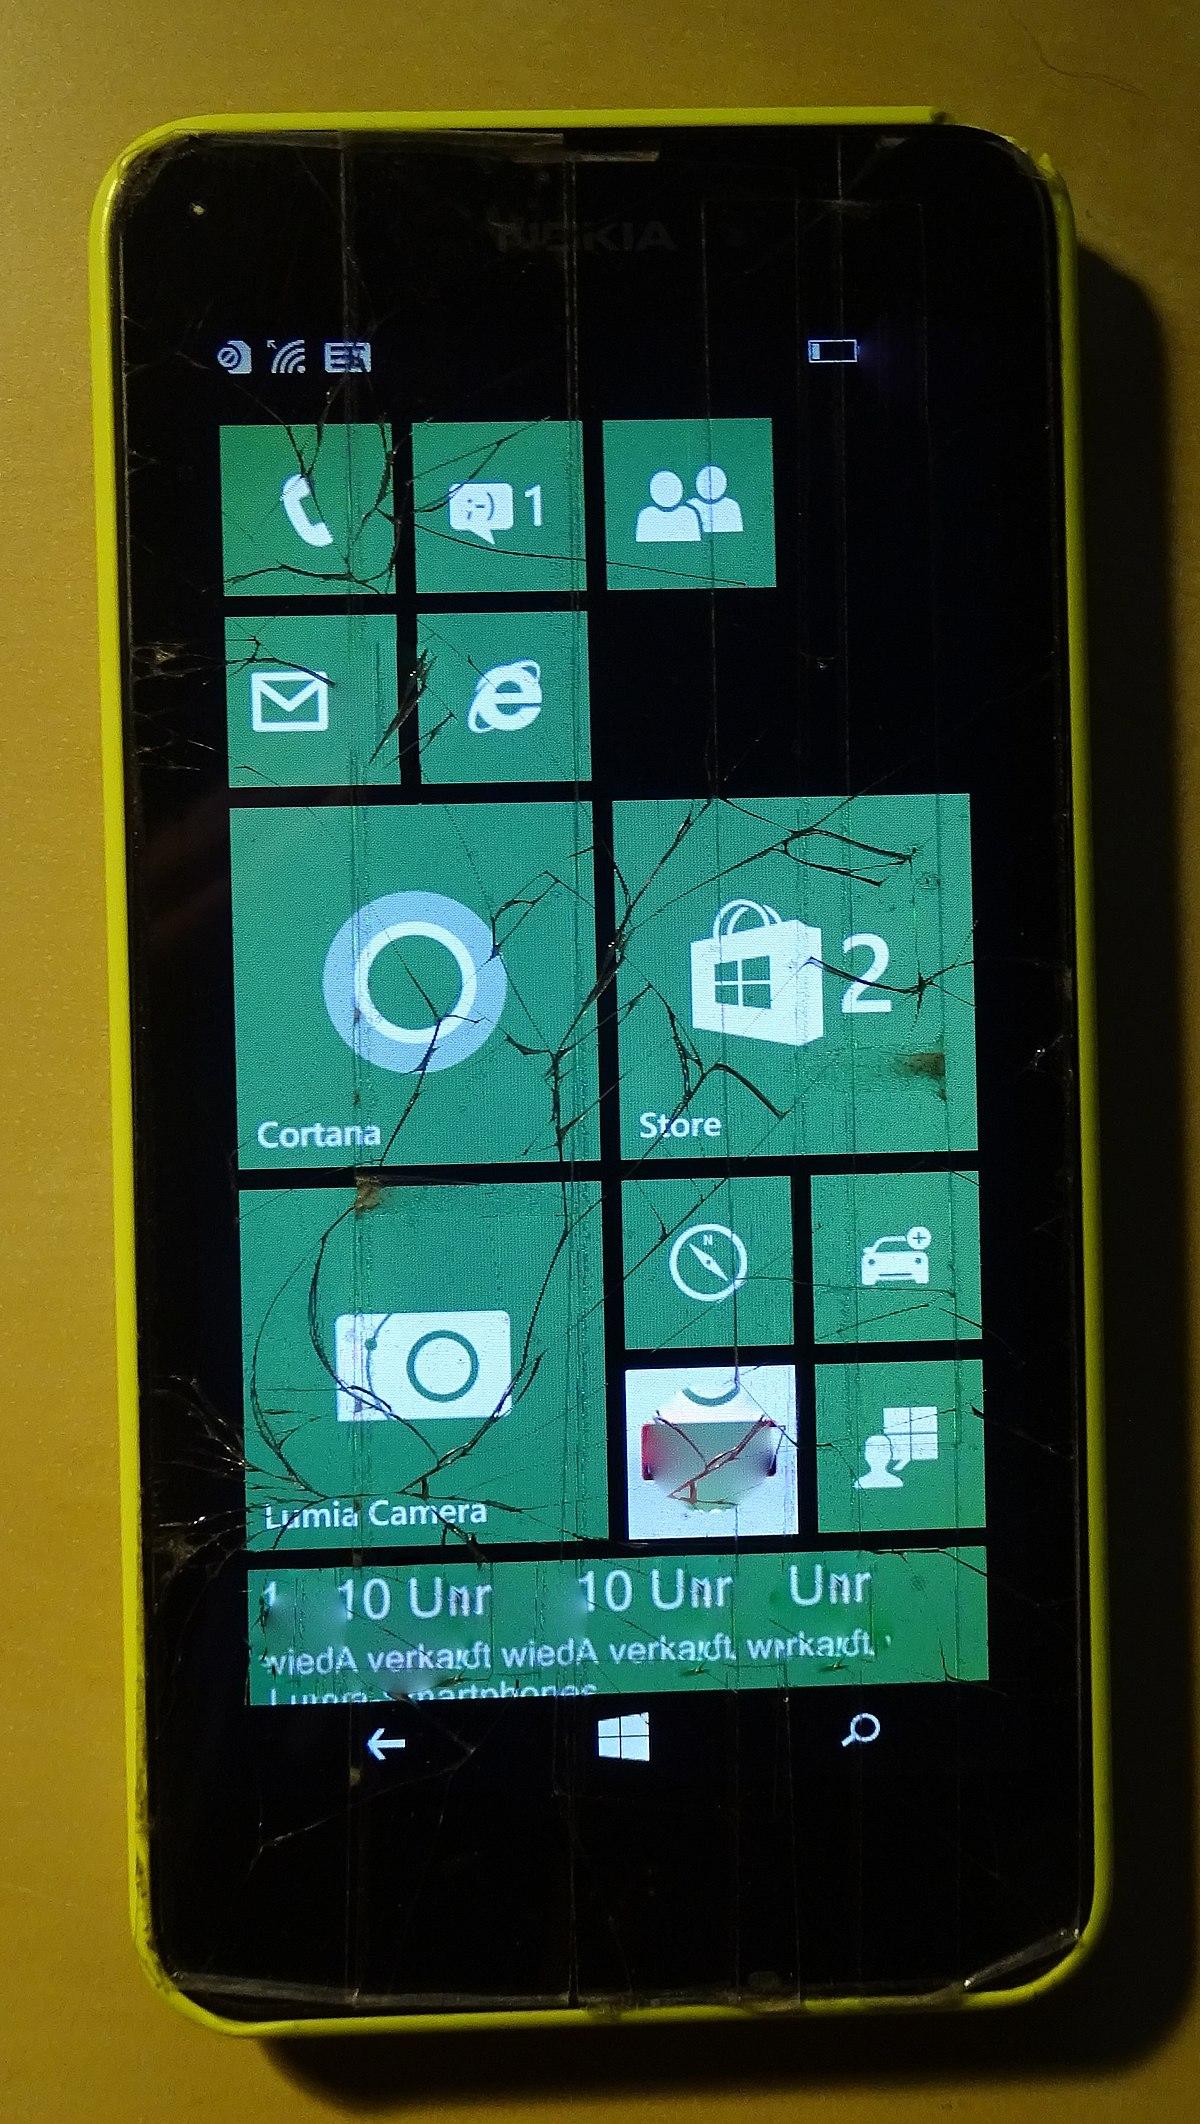 c05525ff971 Nokia Lumia 630 - Wikipedia